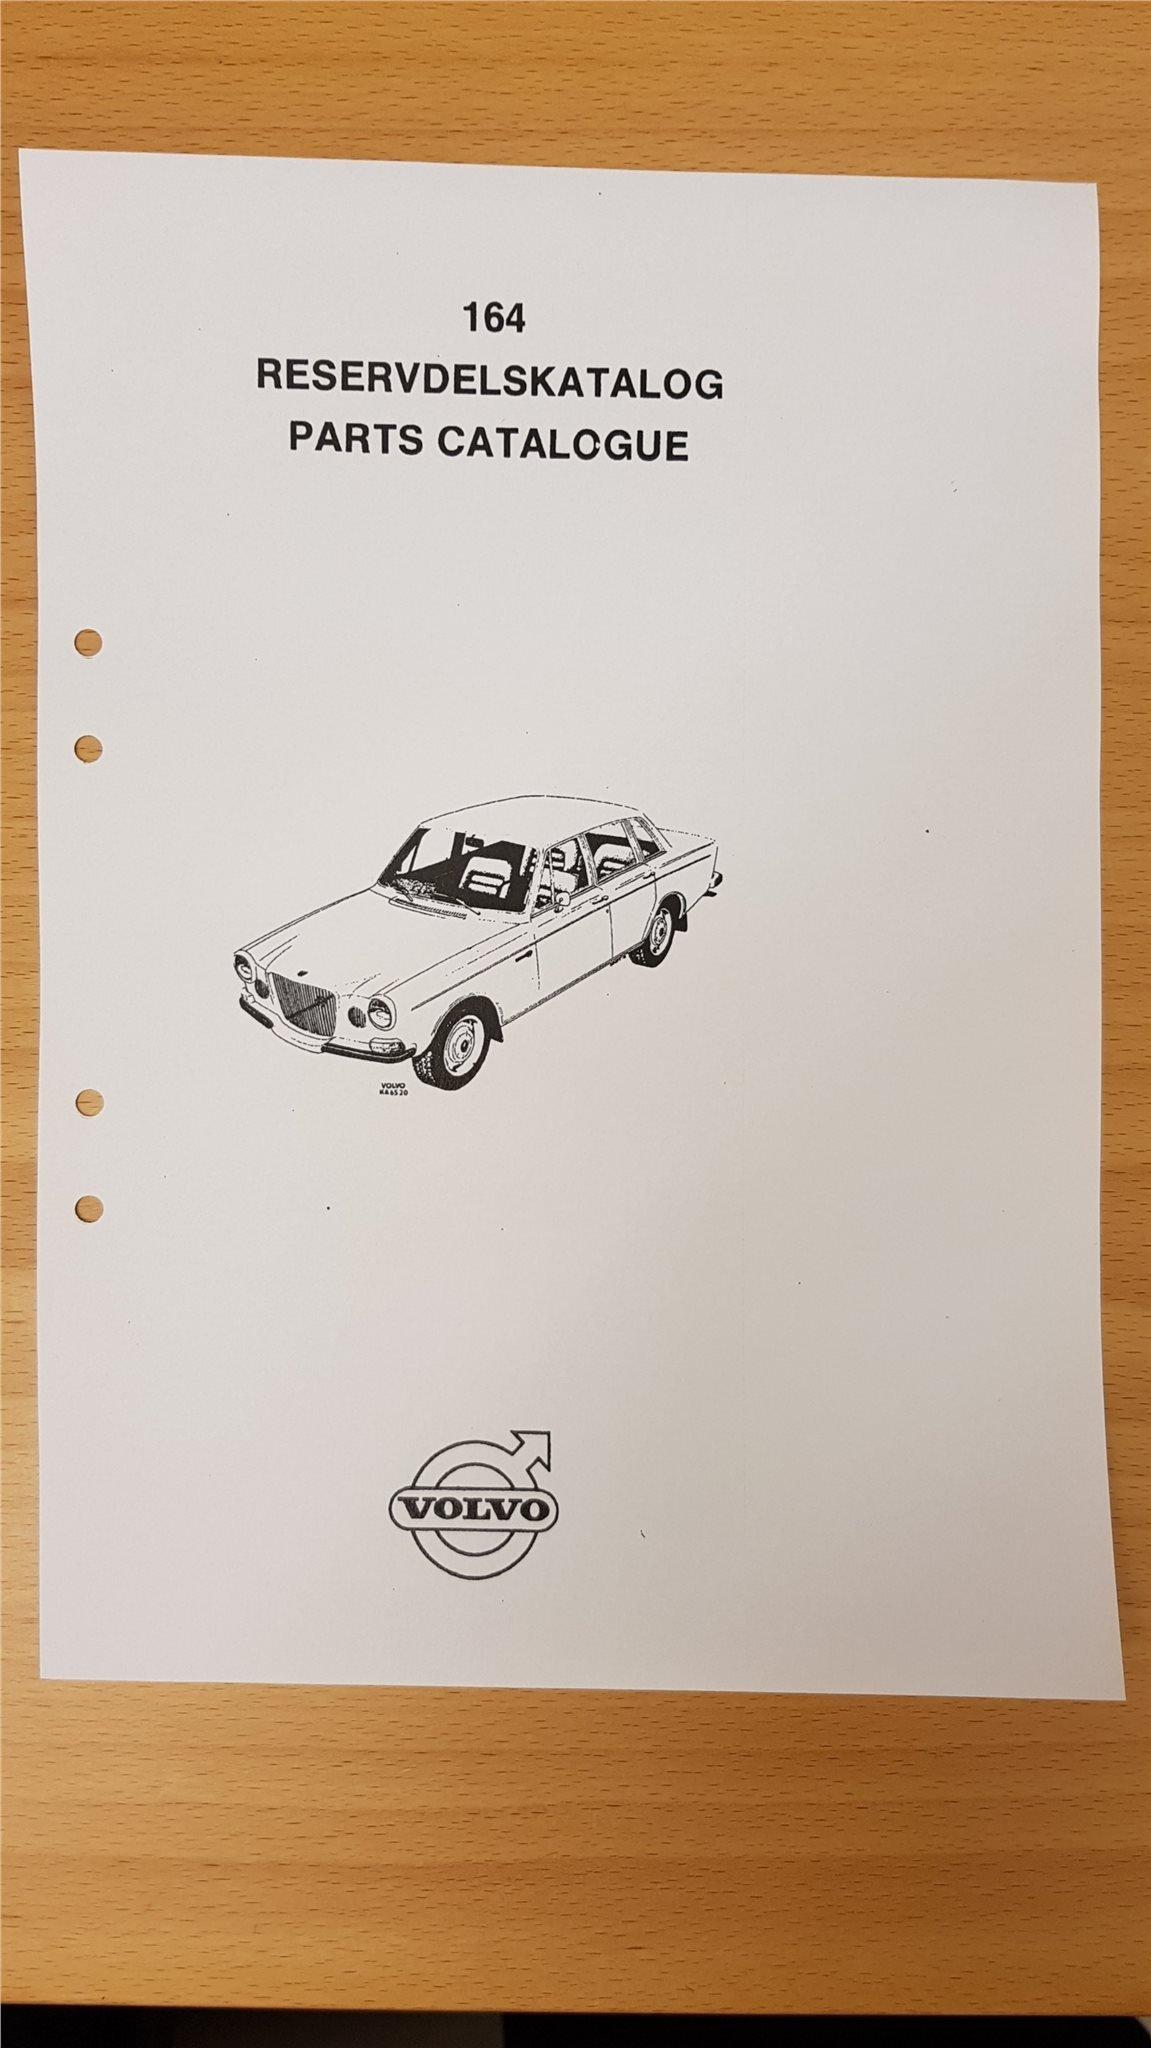 Reservdelskatalog / Parts Catalogue Volvo 164 (348346133) ᐈ Köp på